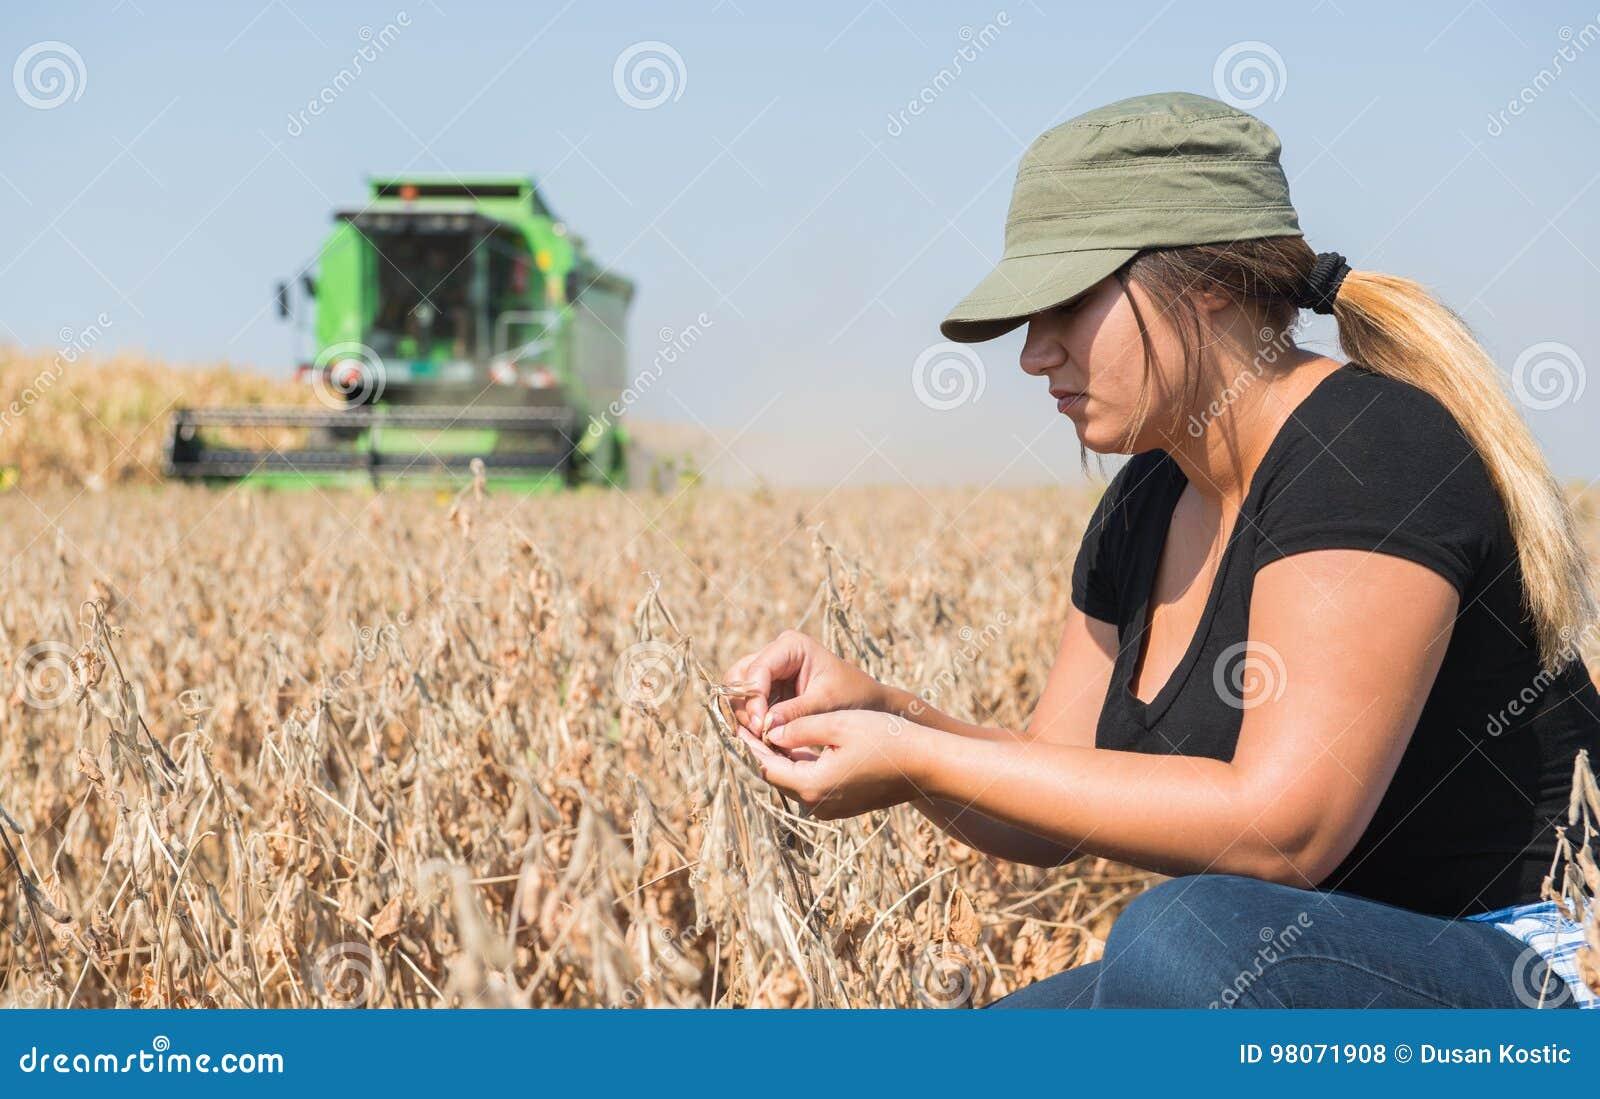 Usine de soja examing de fille de jeune exploitant agricole pendant la récolte